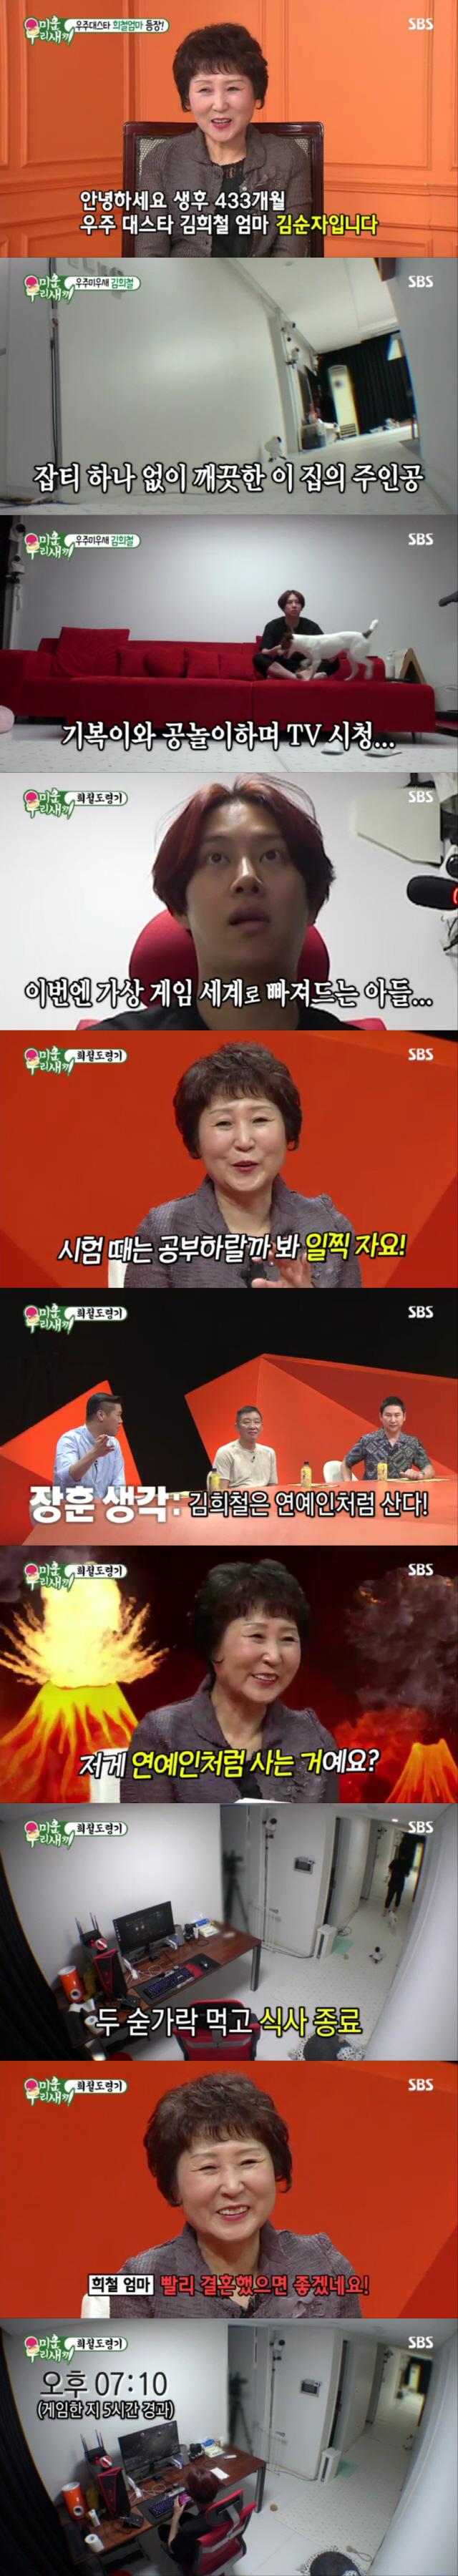 '미운 우리 새끼' 김희철, 첫 리얼 일상 공개..김희철母 결국 폭발